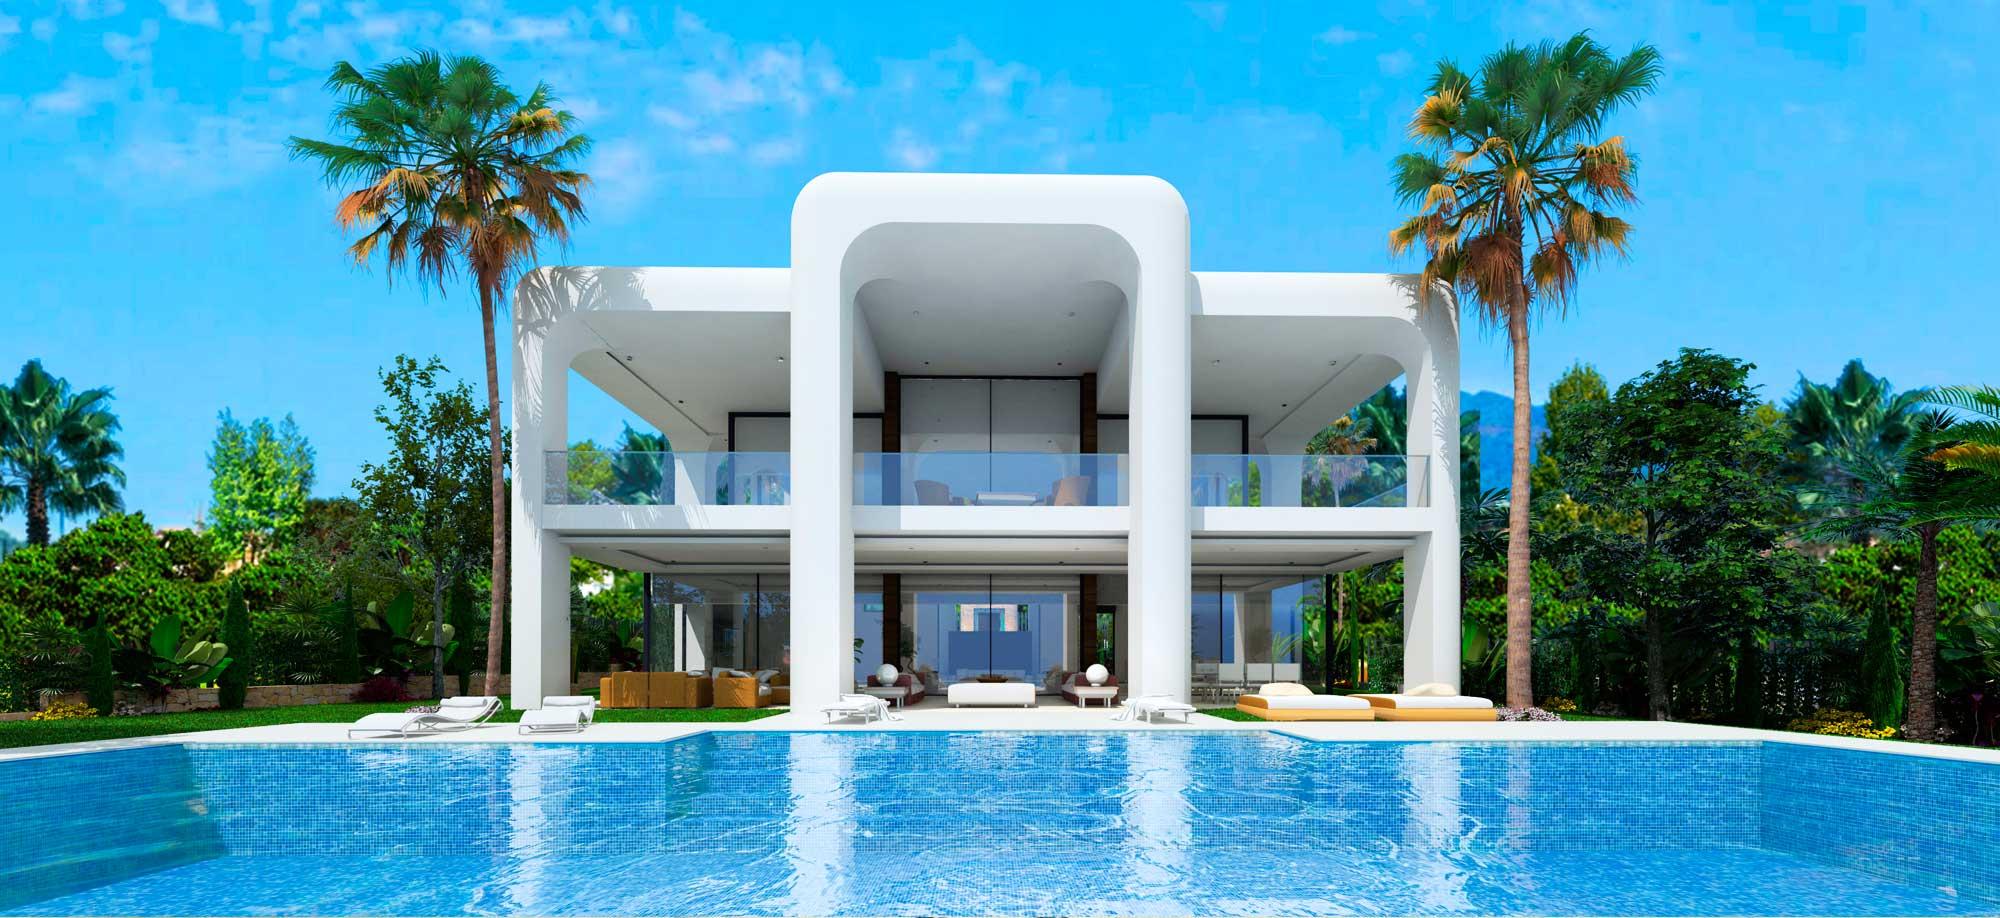 Casa de lujo en marbella imagen del dormitorio del piso - Casas de lujo en marbella ...